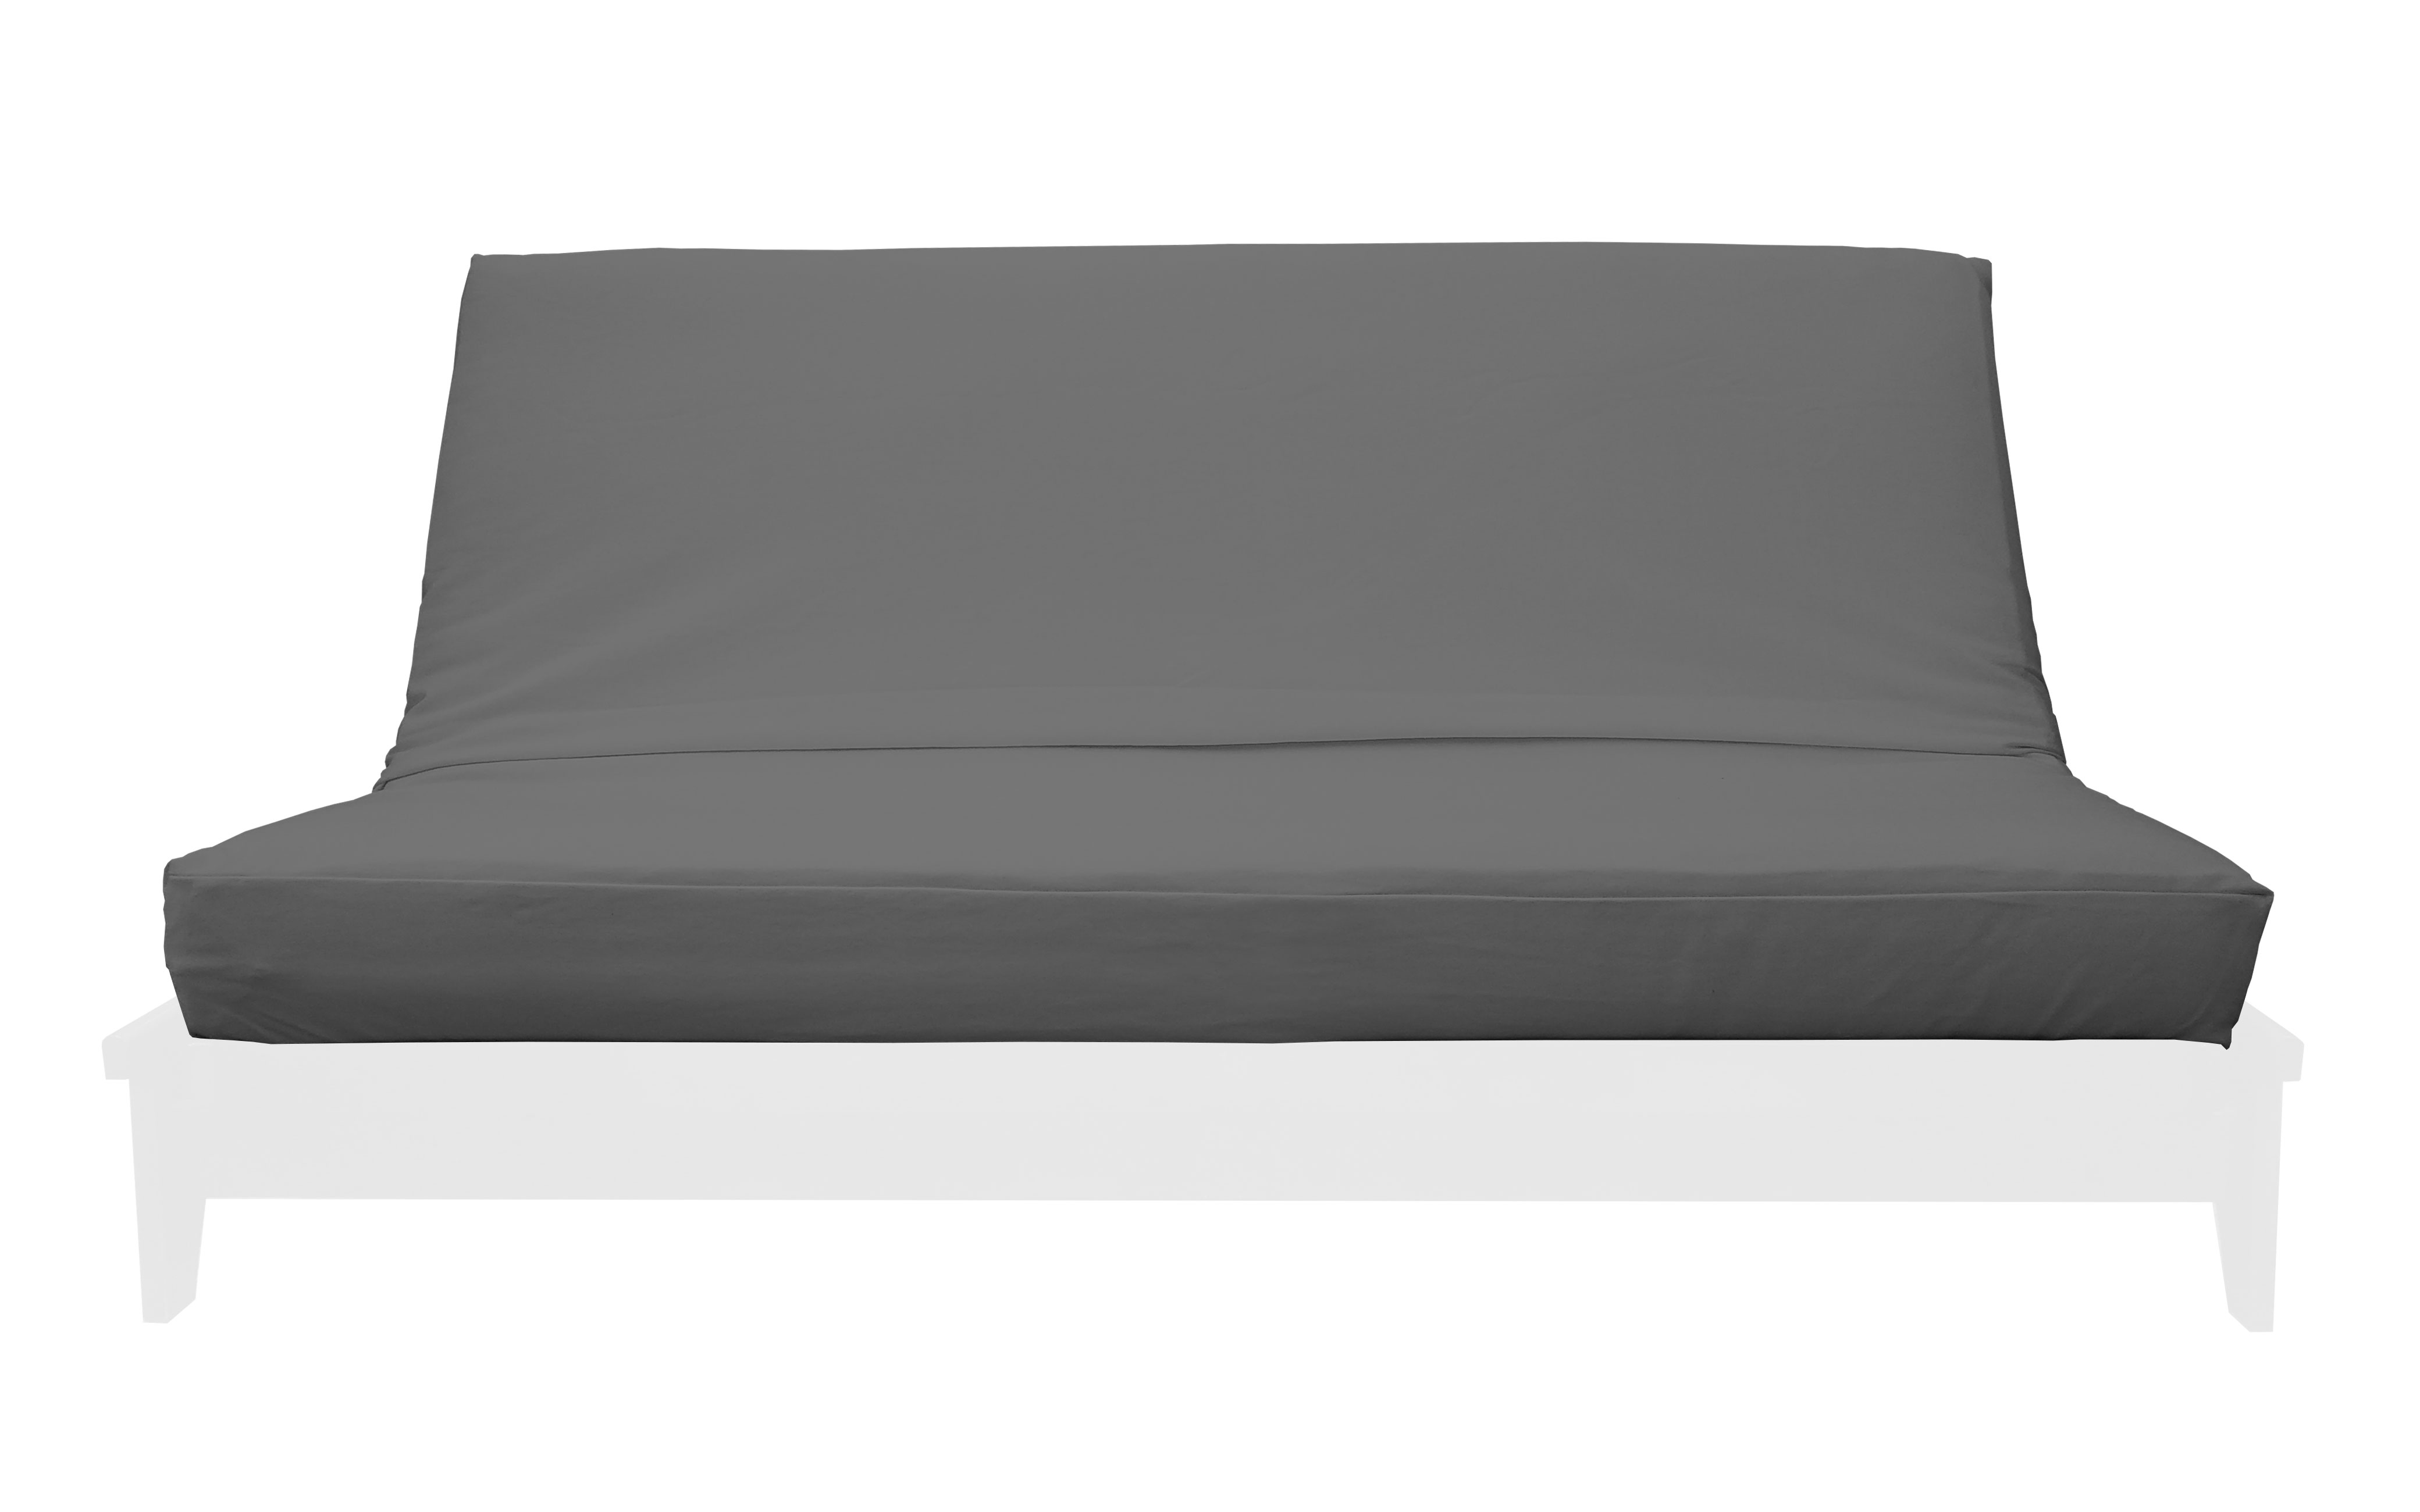 Premium Solid Light Gray Futon Cover By Prestige